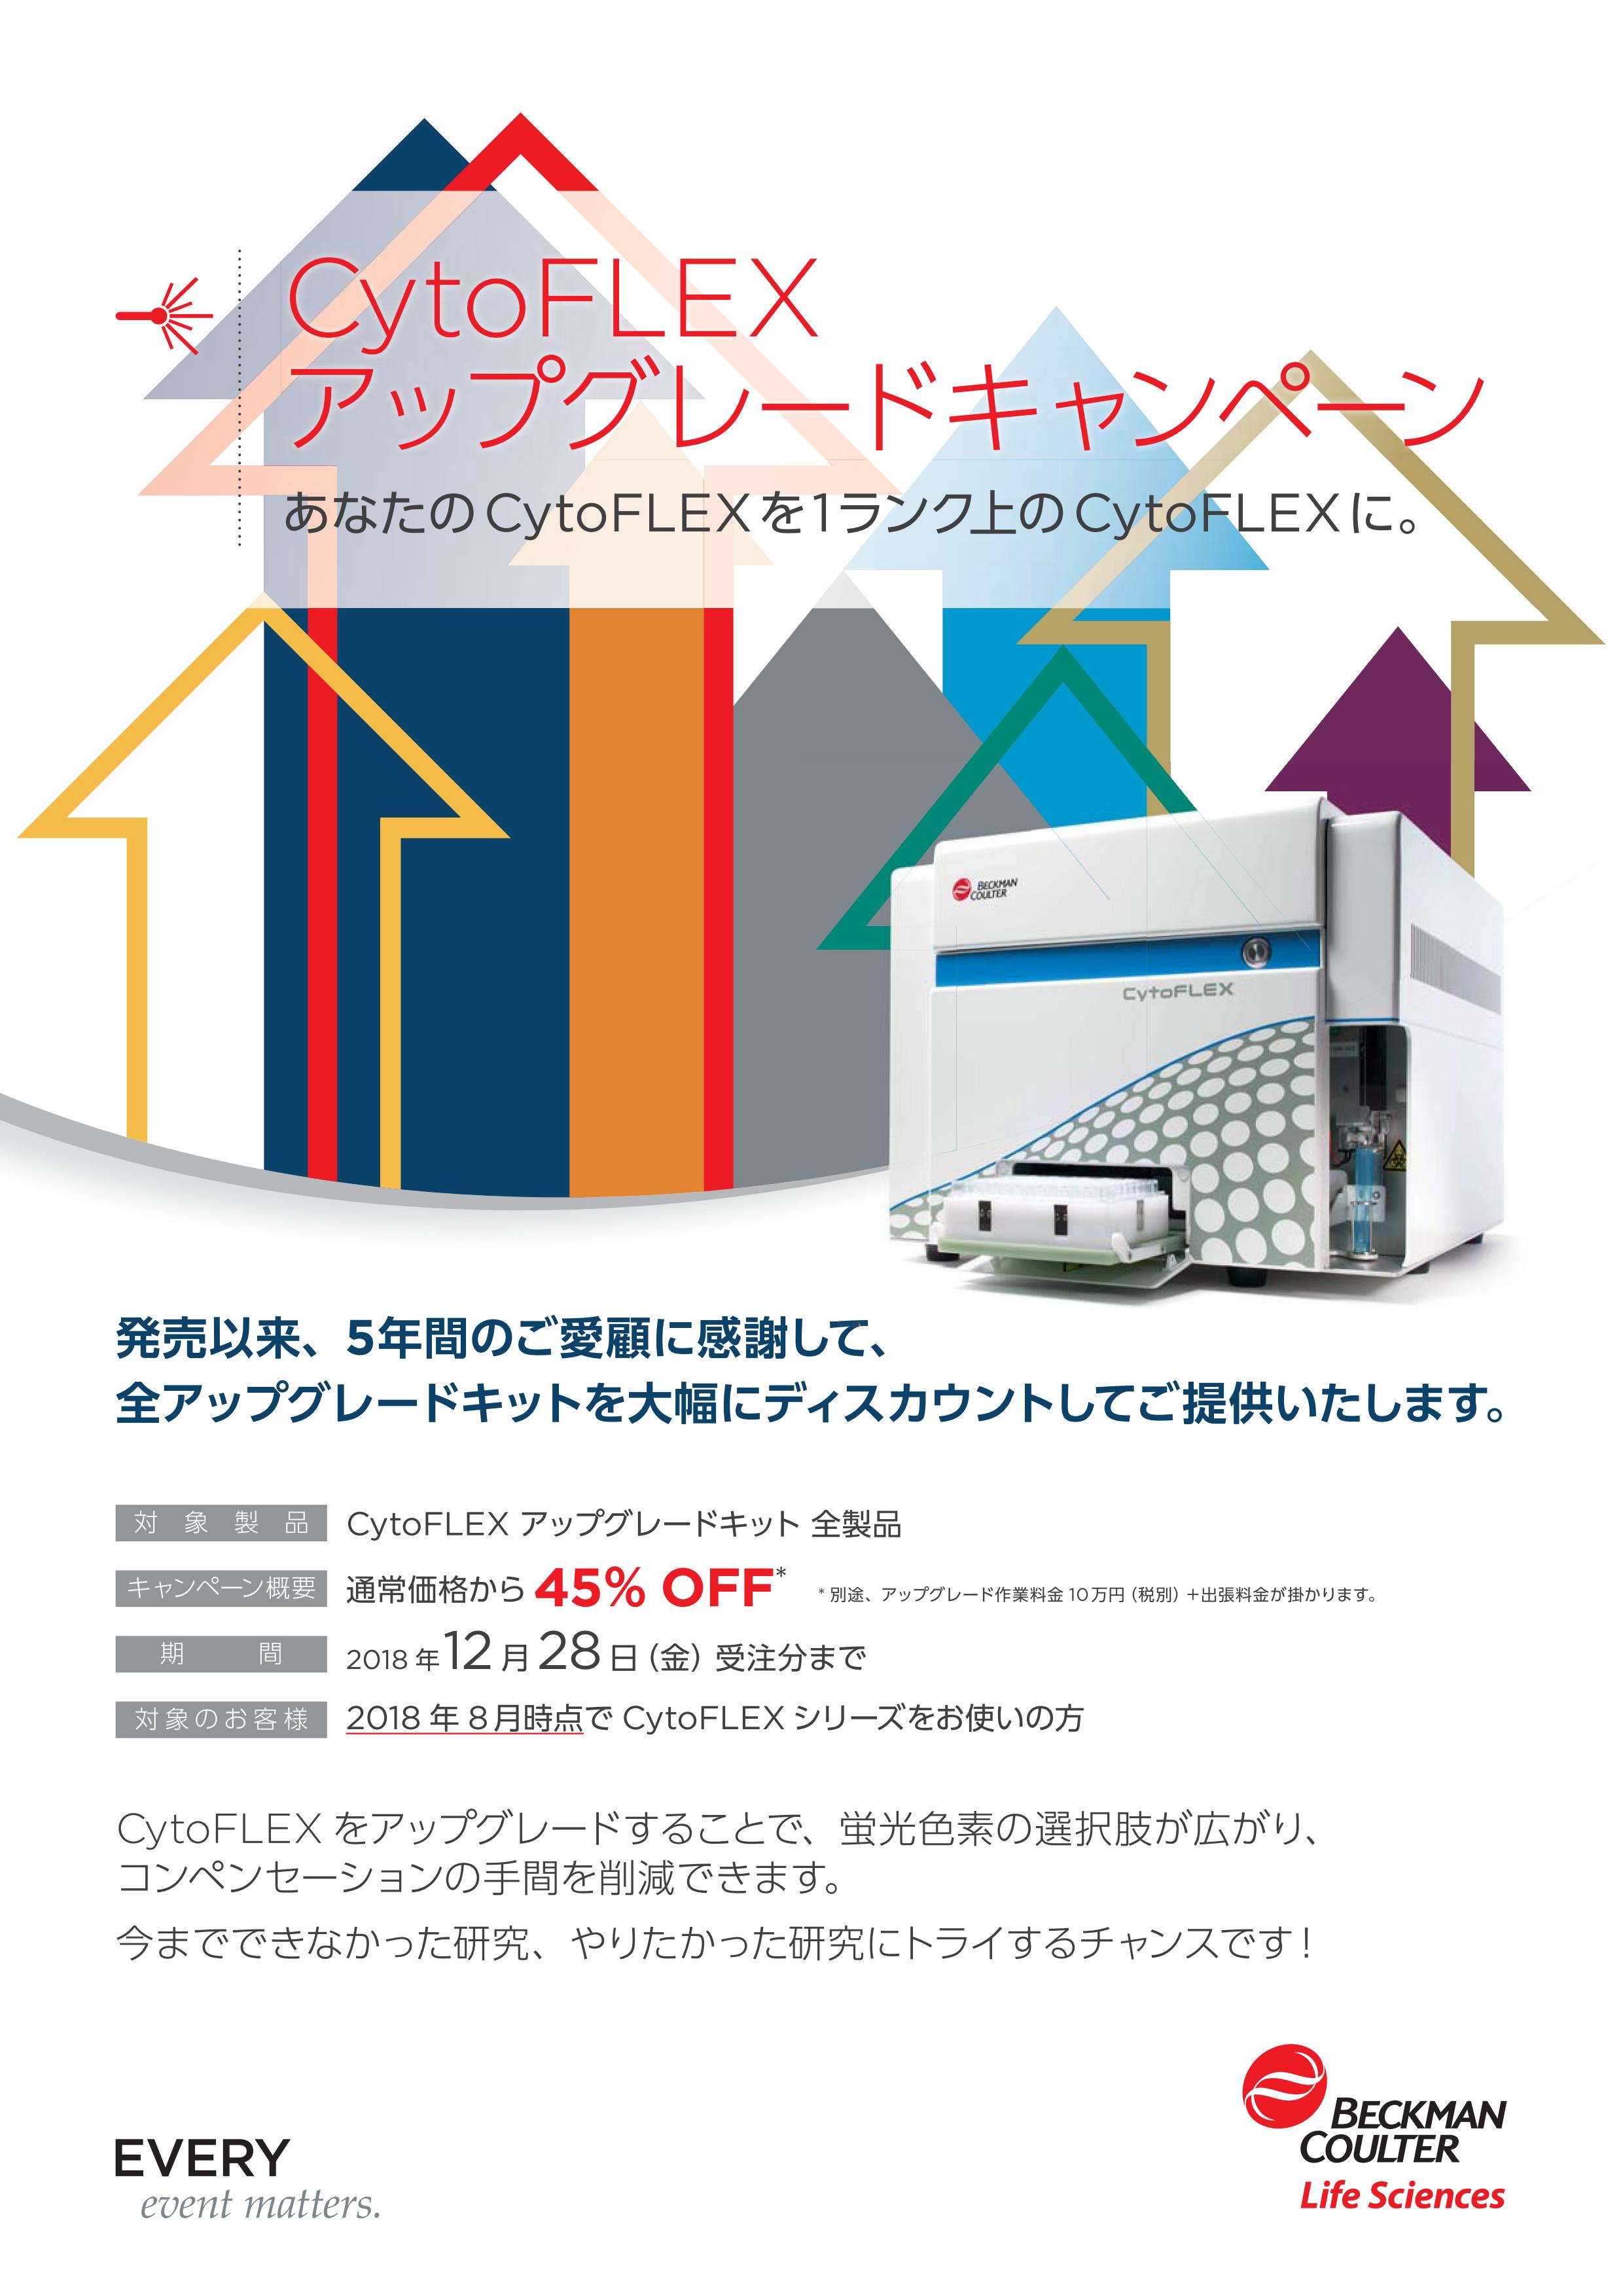 発売5周年記念 コンパクトフローサイトメーター CytoFLEX 全アップグレードキット 45% OFF キャンペーン